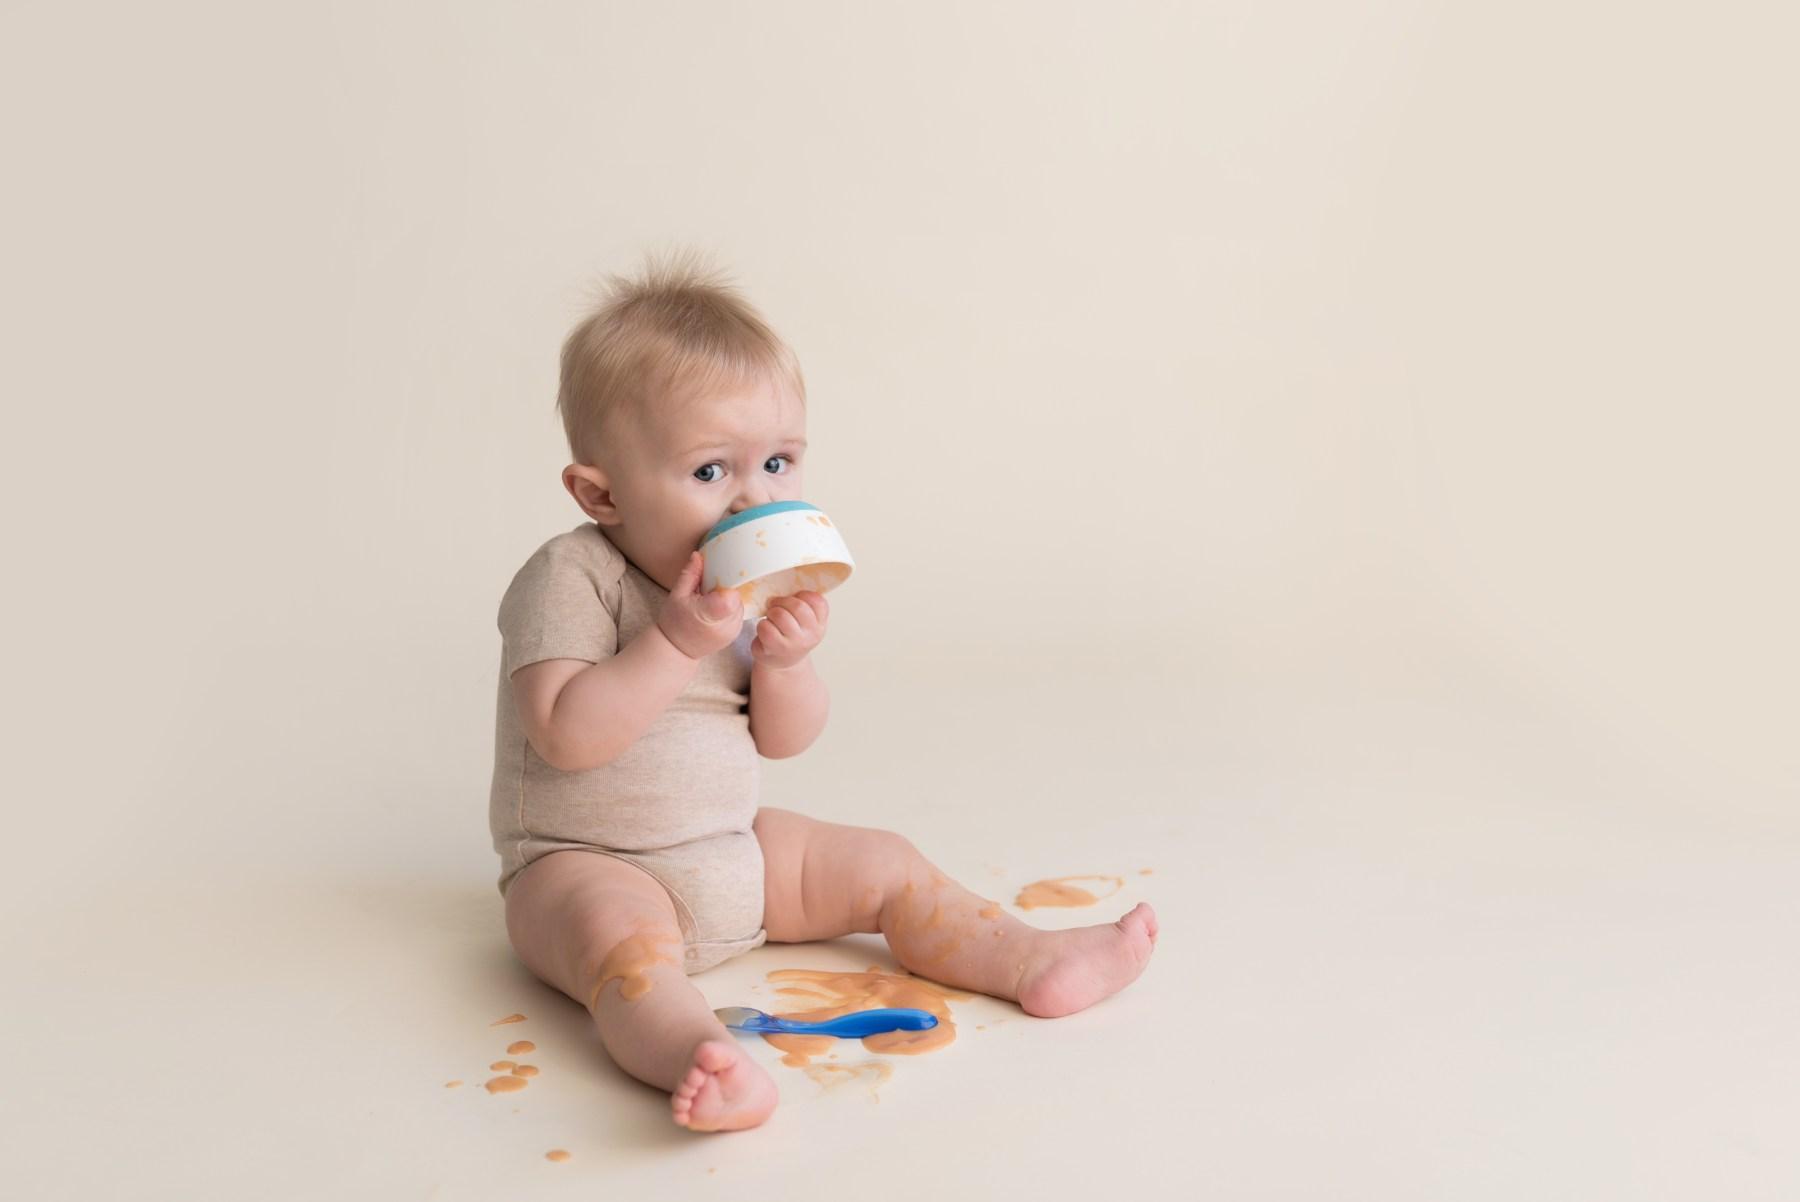 sitter boy feeding himself with spoon